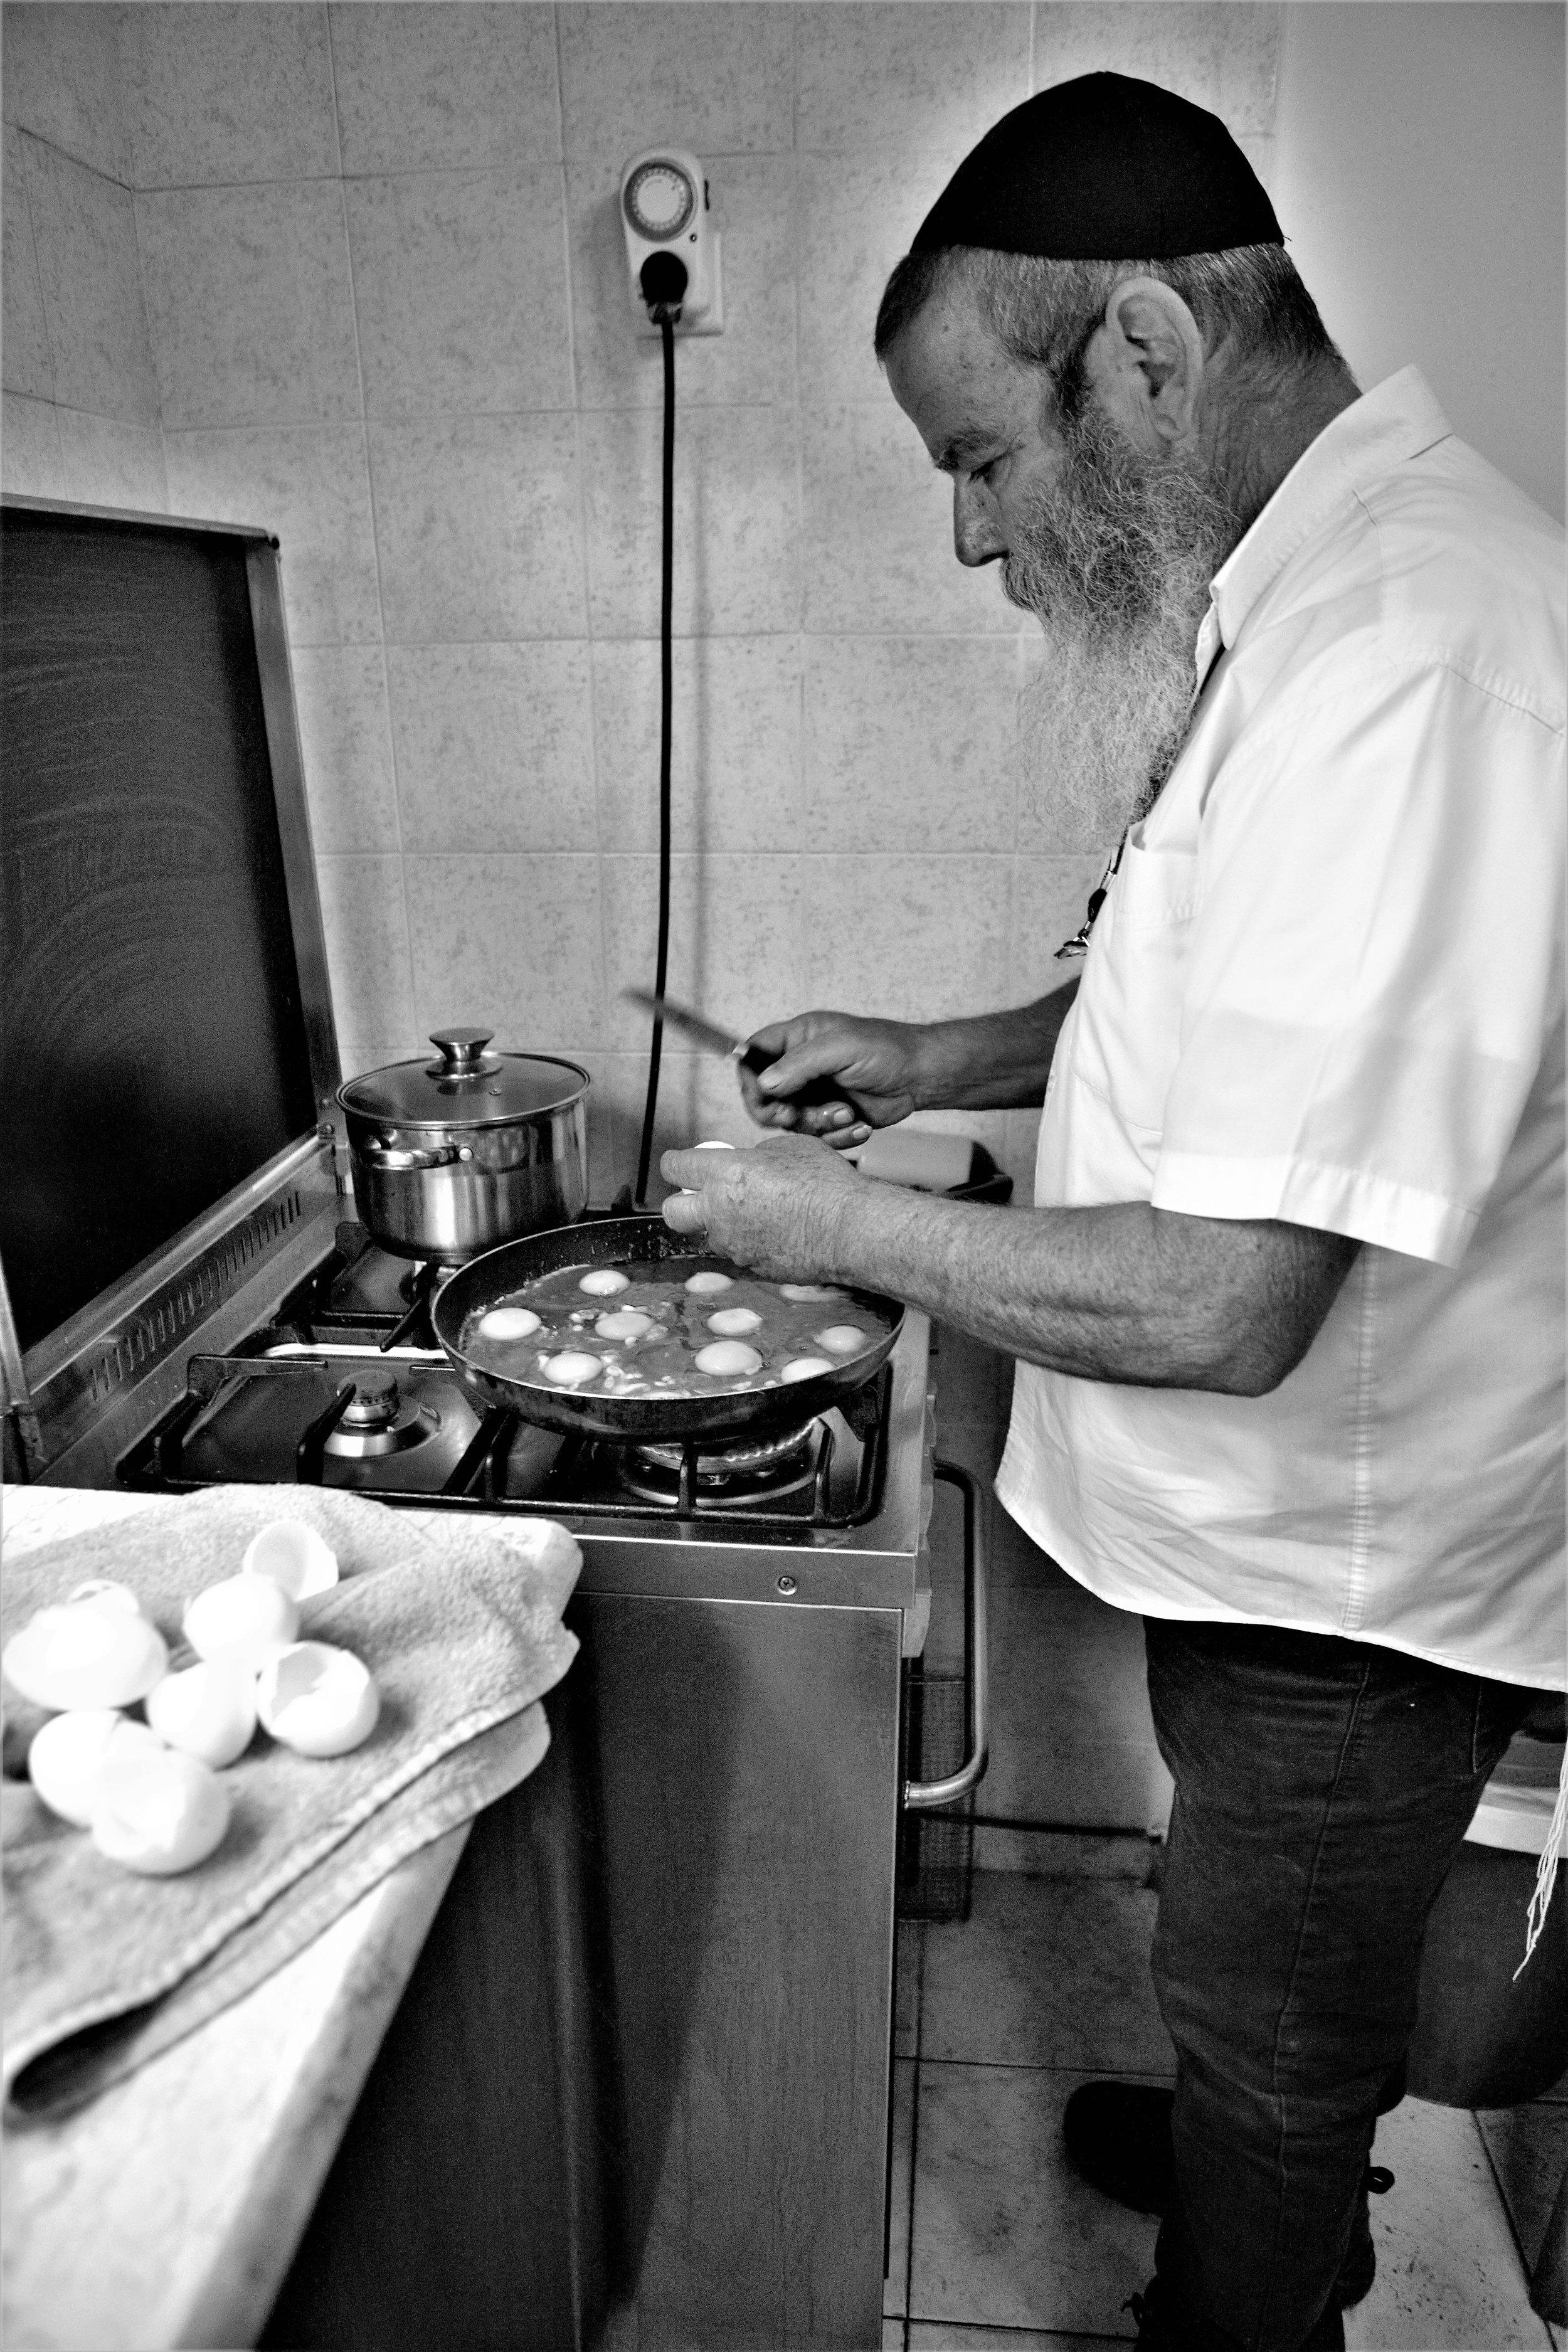 Koch, Winzer und Siedler: Der einstige Koch Moshe Kimche ist stolz Weinmacher im Westjordanland zu sein.